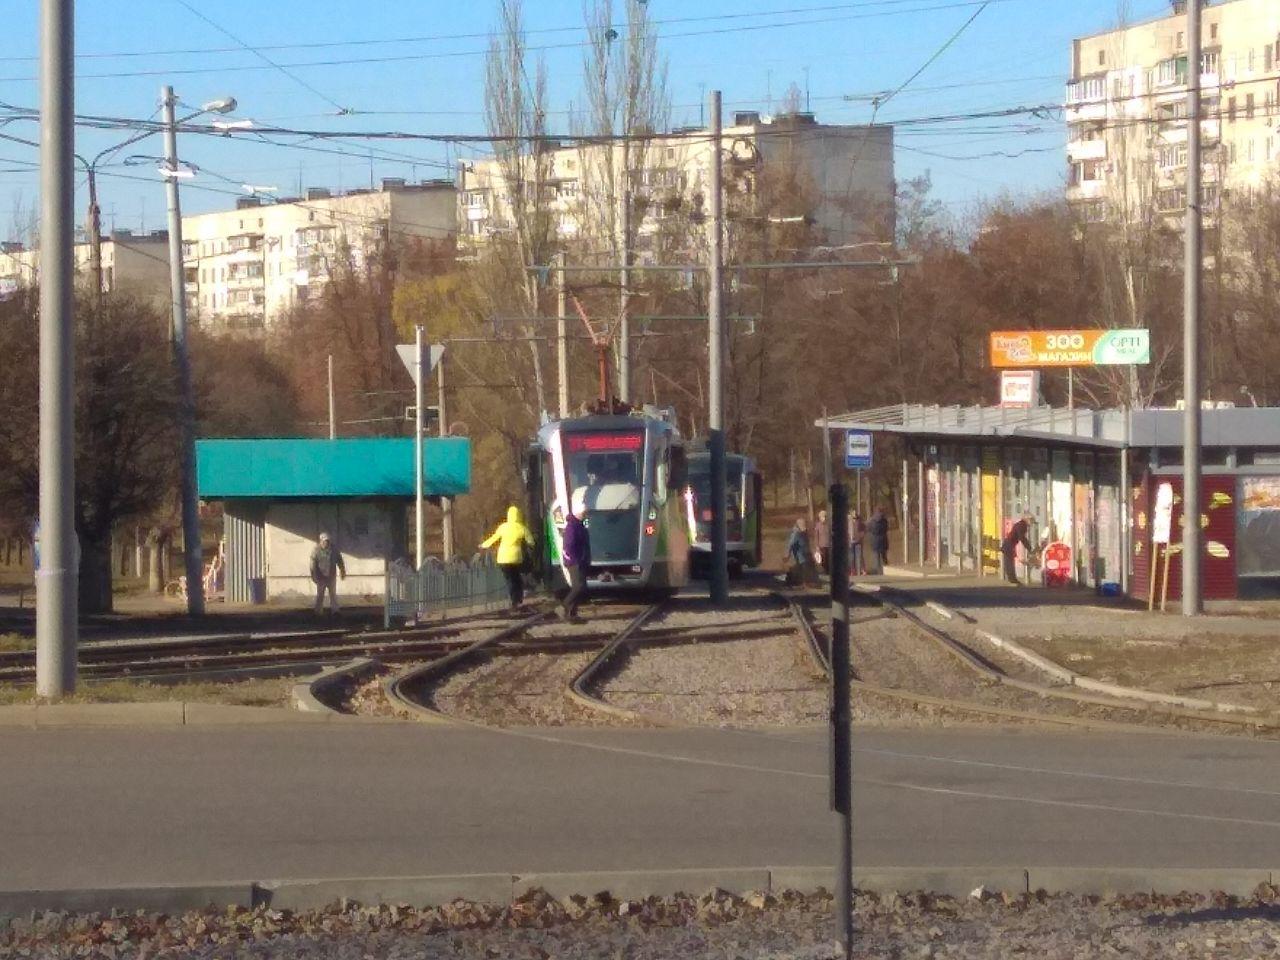 Оба человека на рельсах - находятся за оградой. Один из них - водитель трамвая.